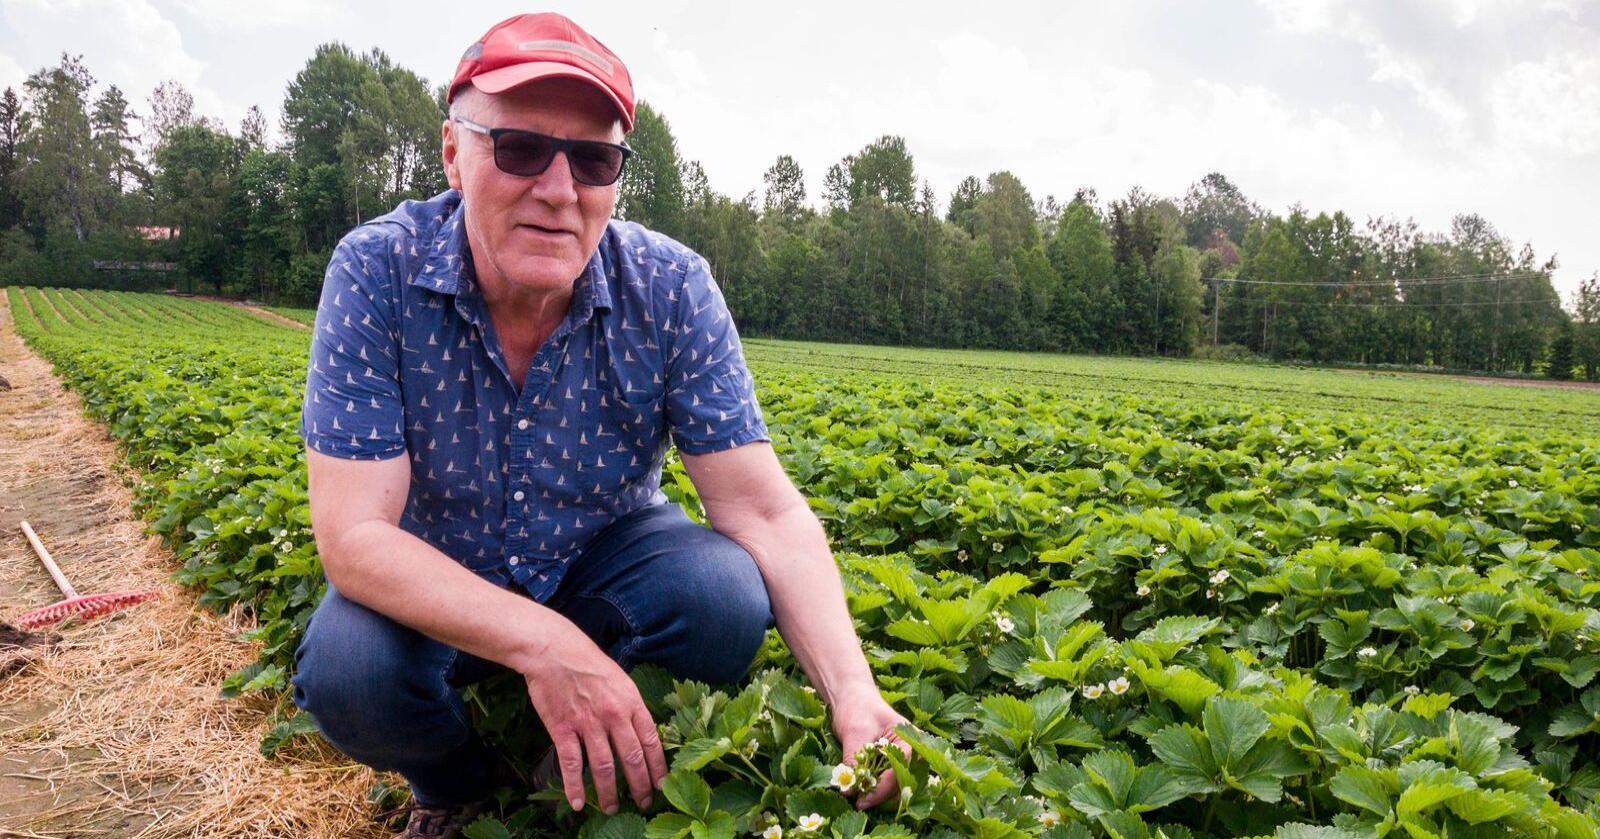 Thorer Egeland er jordbærbonde i Spydeberg. Foto: Smaalenenes Avis